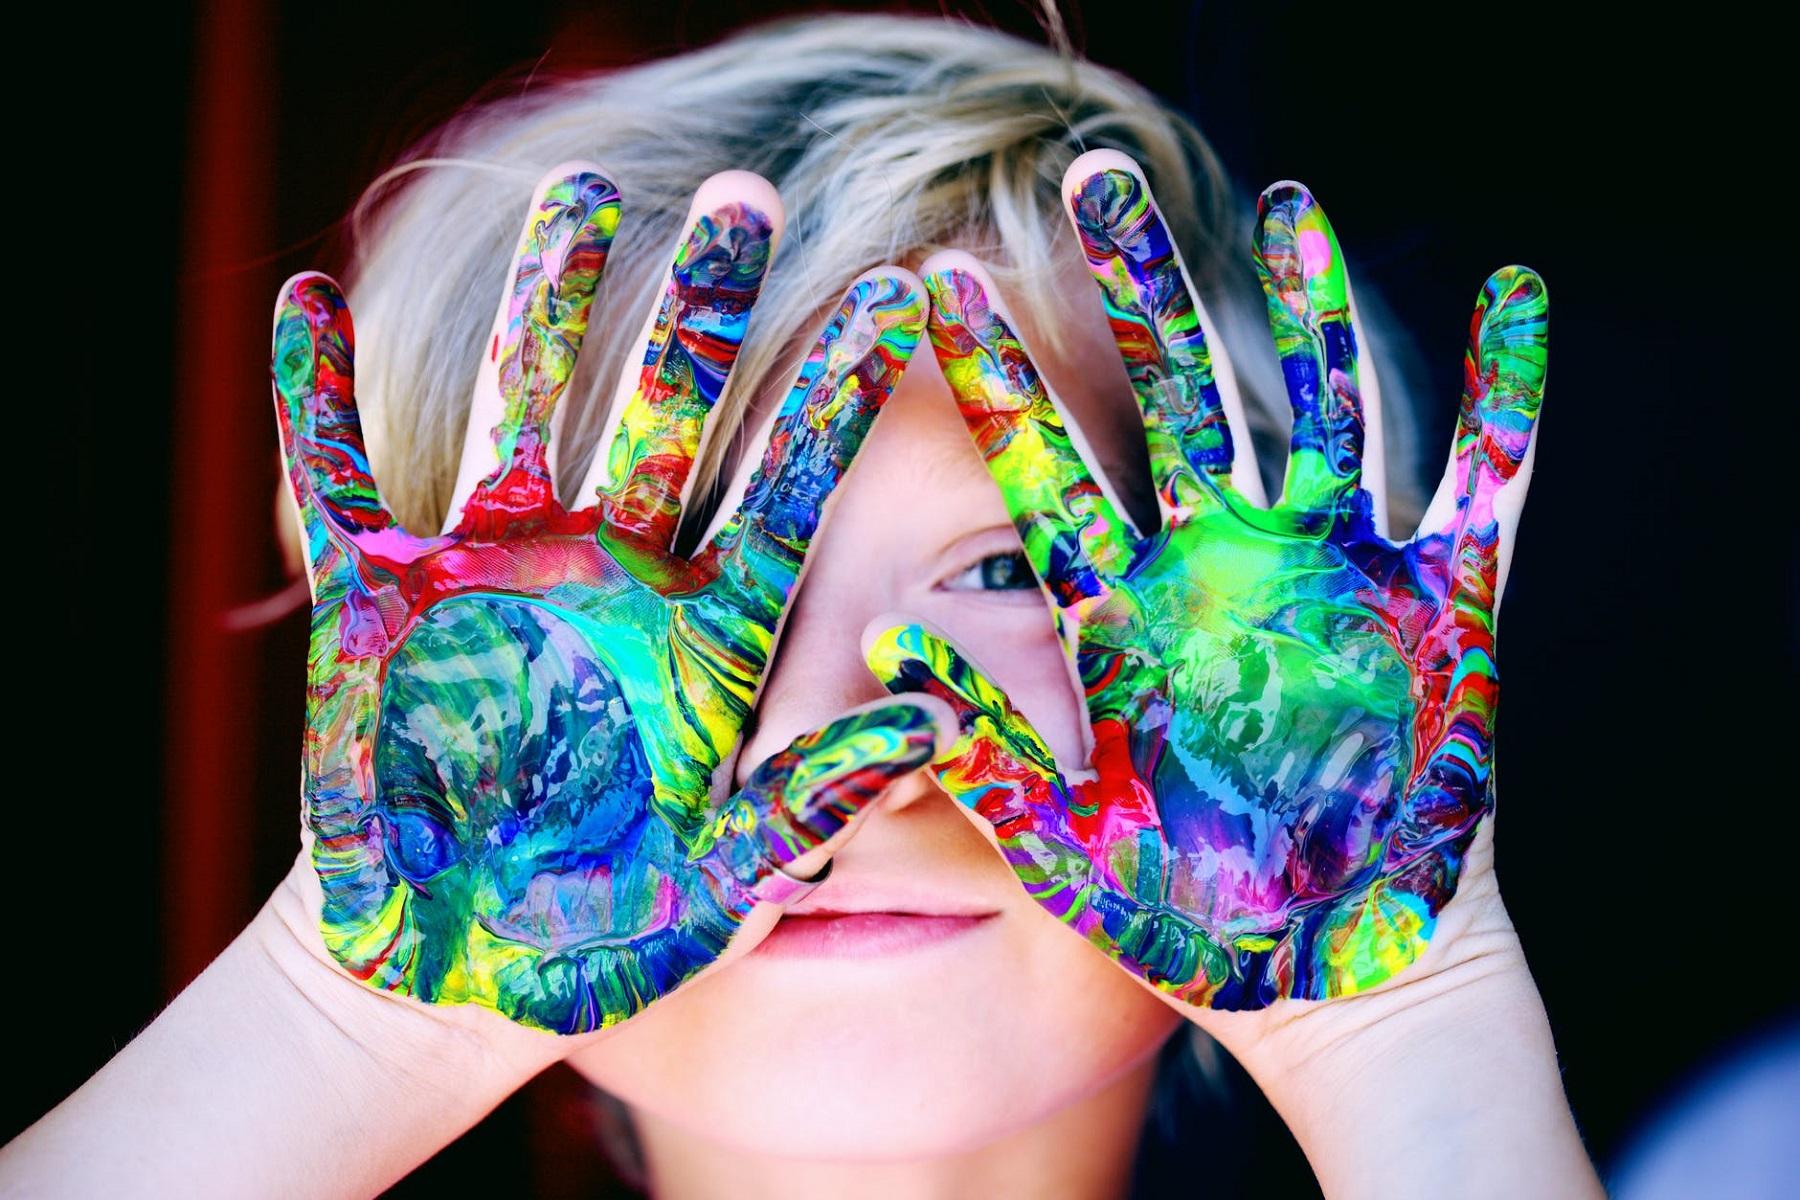 Παιδί Πείσμα: Όταν οι φωνές οδηγούν σε αδιέξοδο